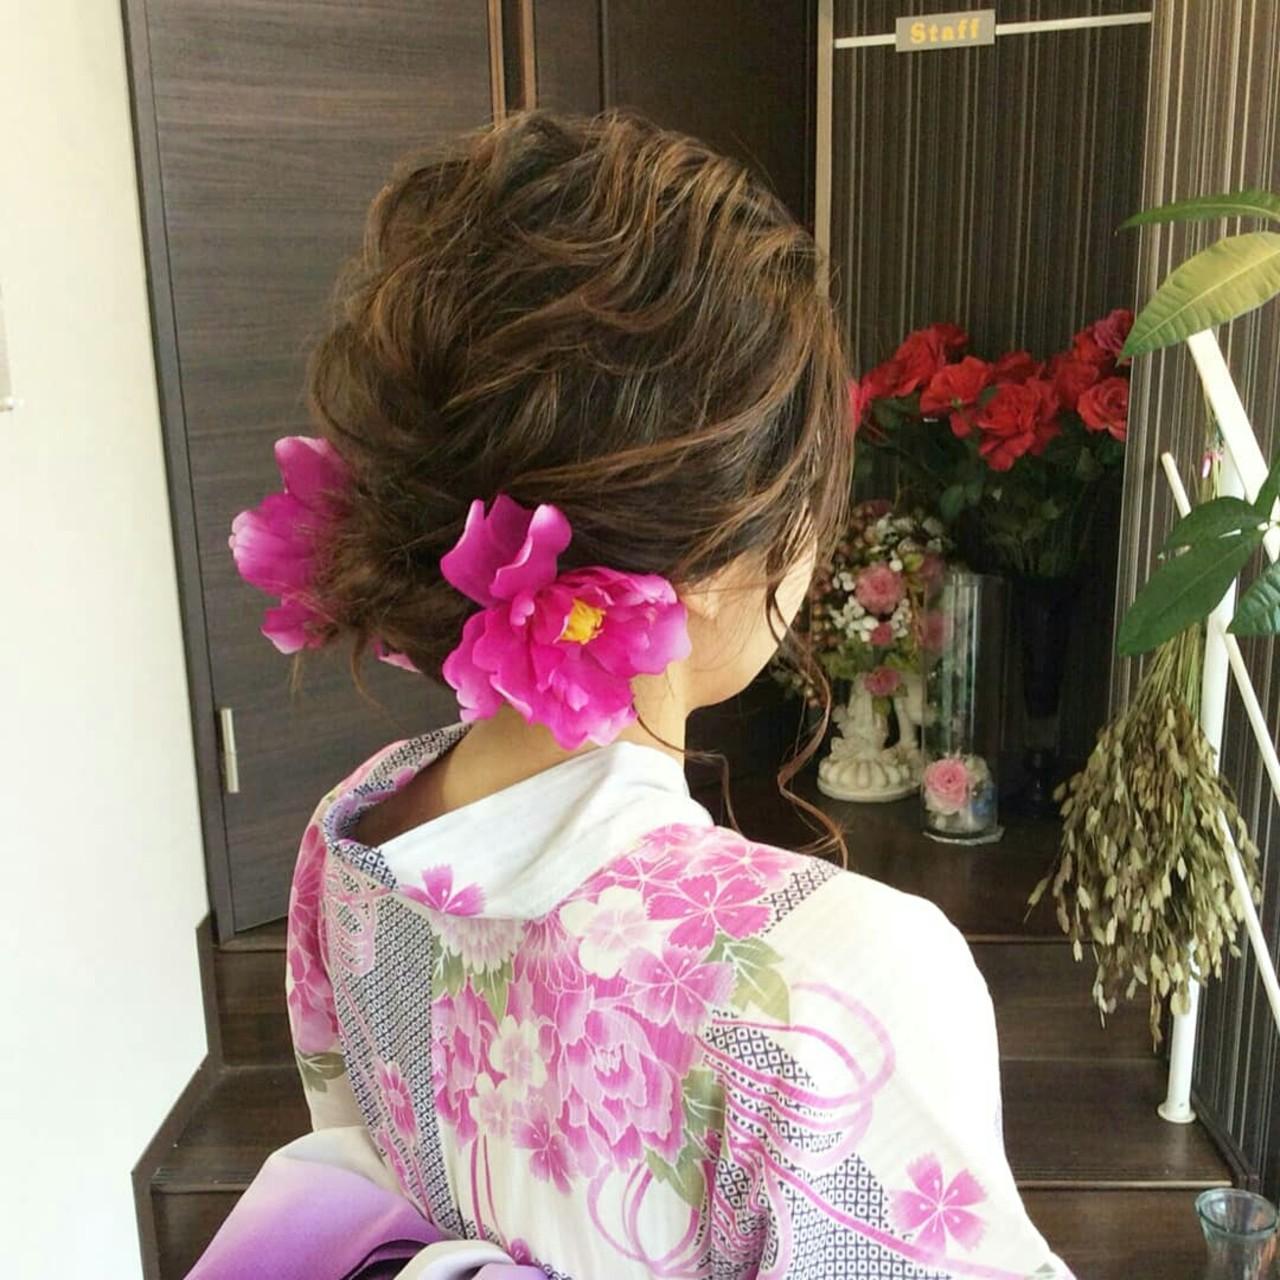 和装 ナチュラル ヘアアレンジ 編み込み ヘアスタイルや髪型の写真・画像 | rumiLINKS美容室 / リンクス美容室